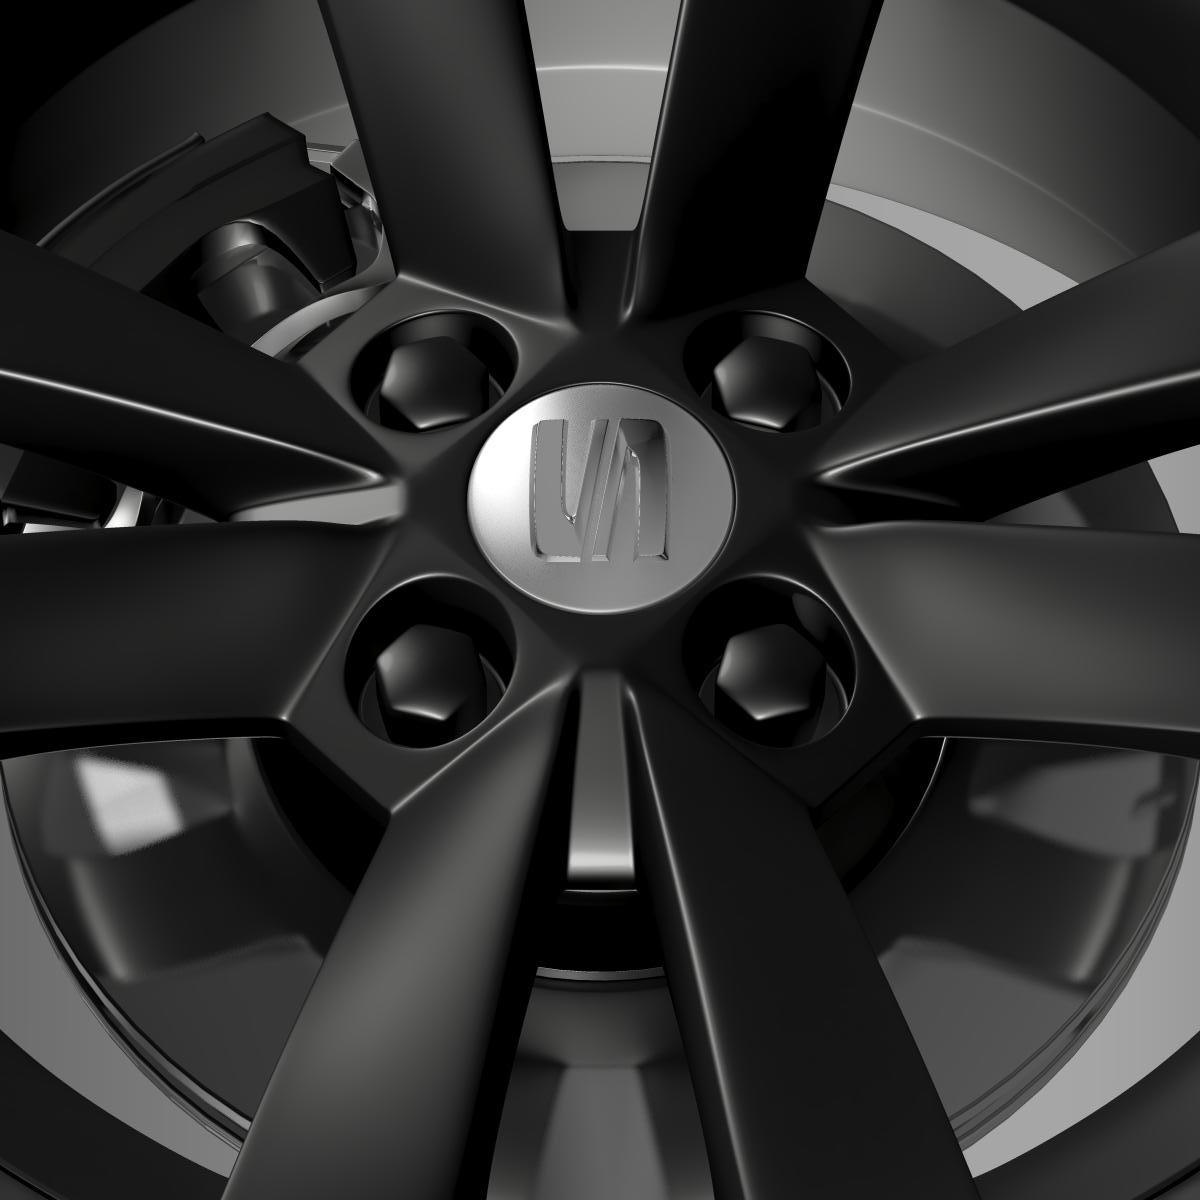 seat mii vibora negra wheel 3d model 3ds max fbx c4d lwo ma mb hrc xsi obj 210847